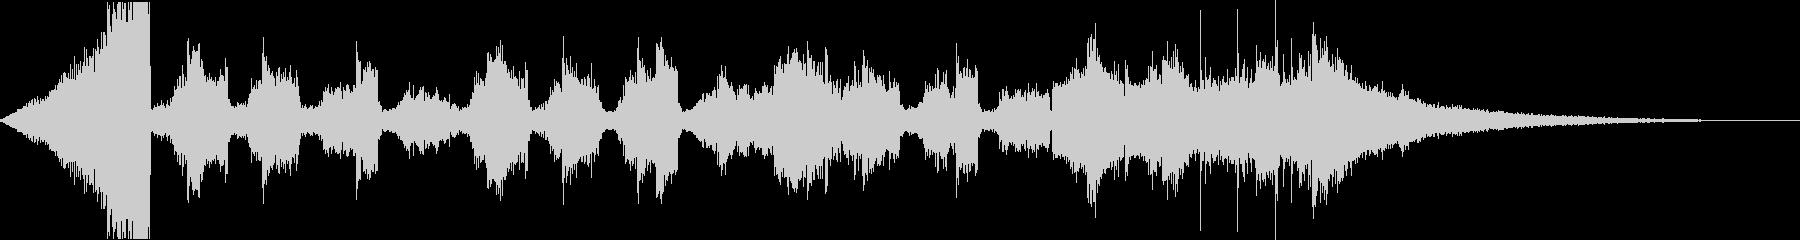 チルアウトおしゃれなトロピカルハウスeの未再生の波形